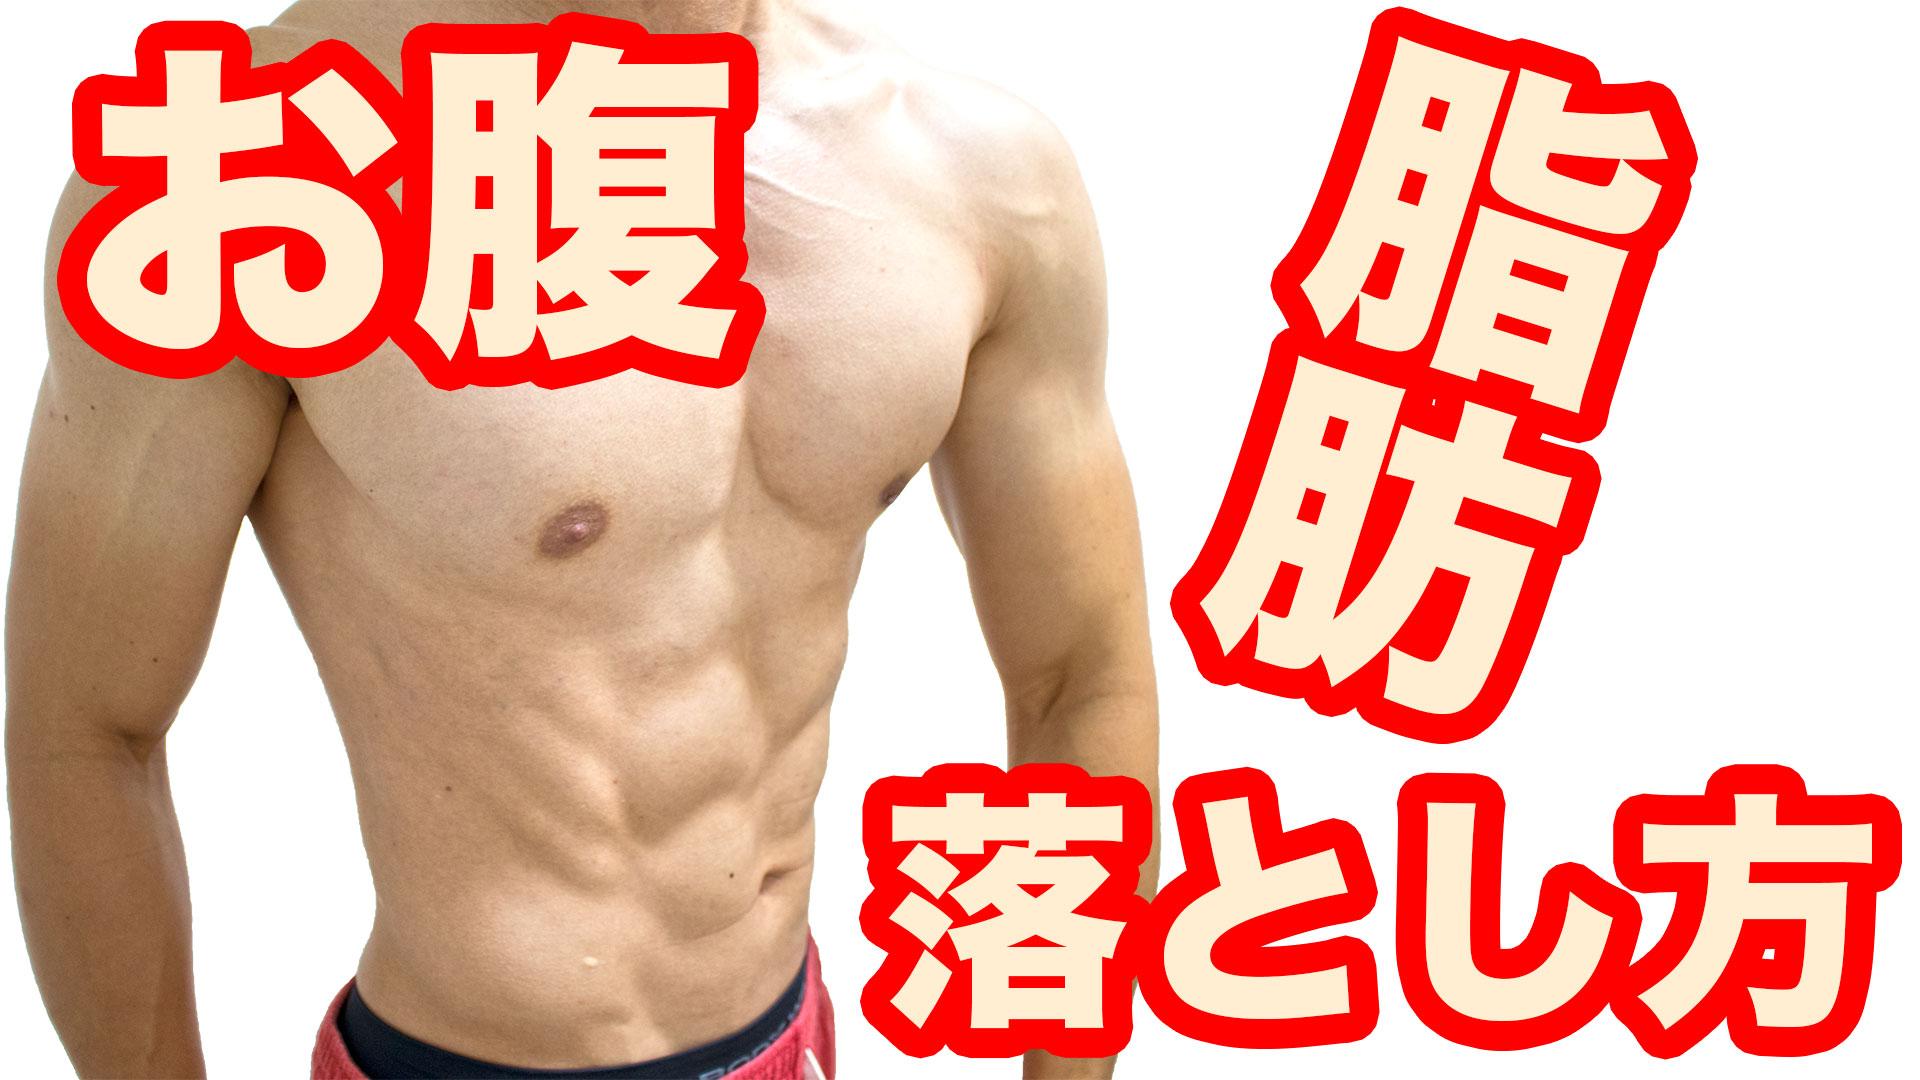 お腹の脂肪の落とし方を詳しく解説!